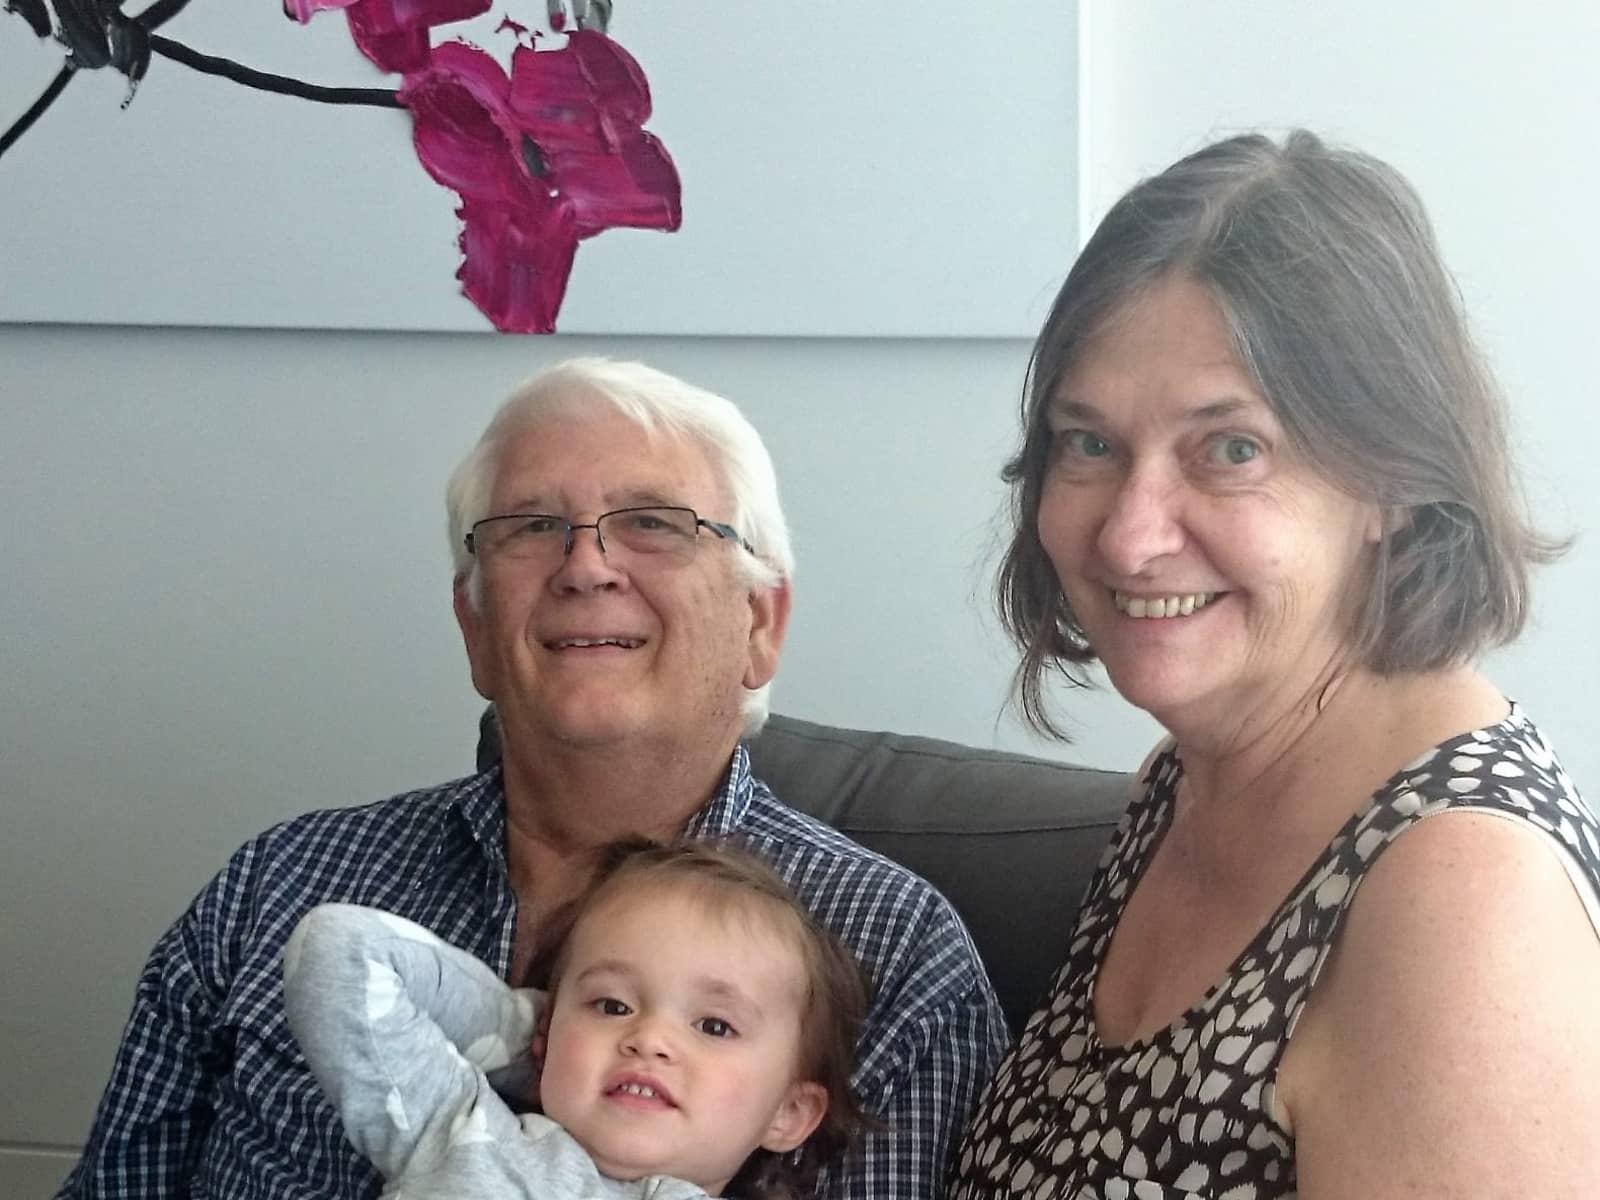 James & Julie from Currumbin Waters, Queensland, Australia